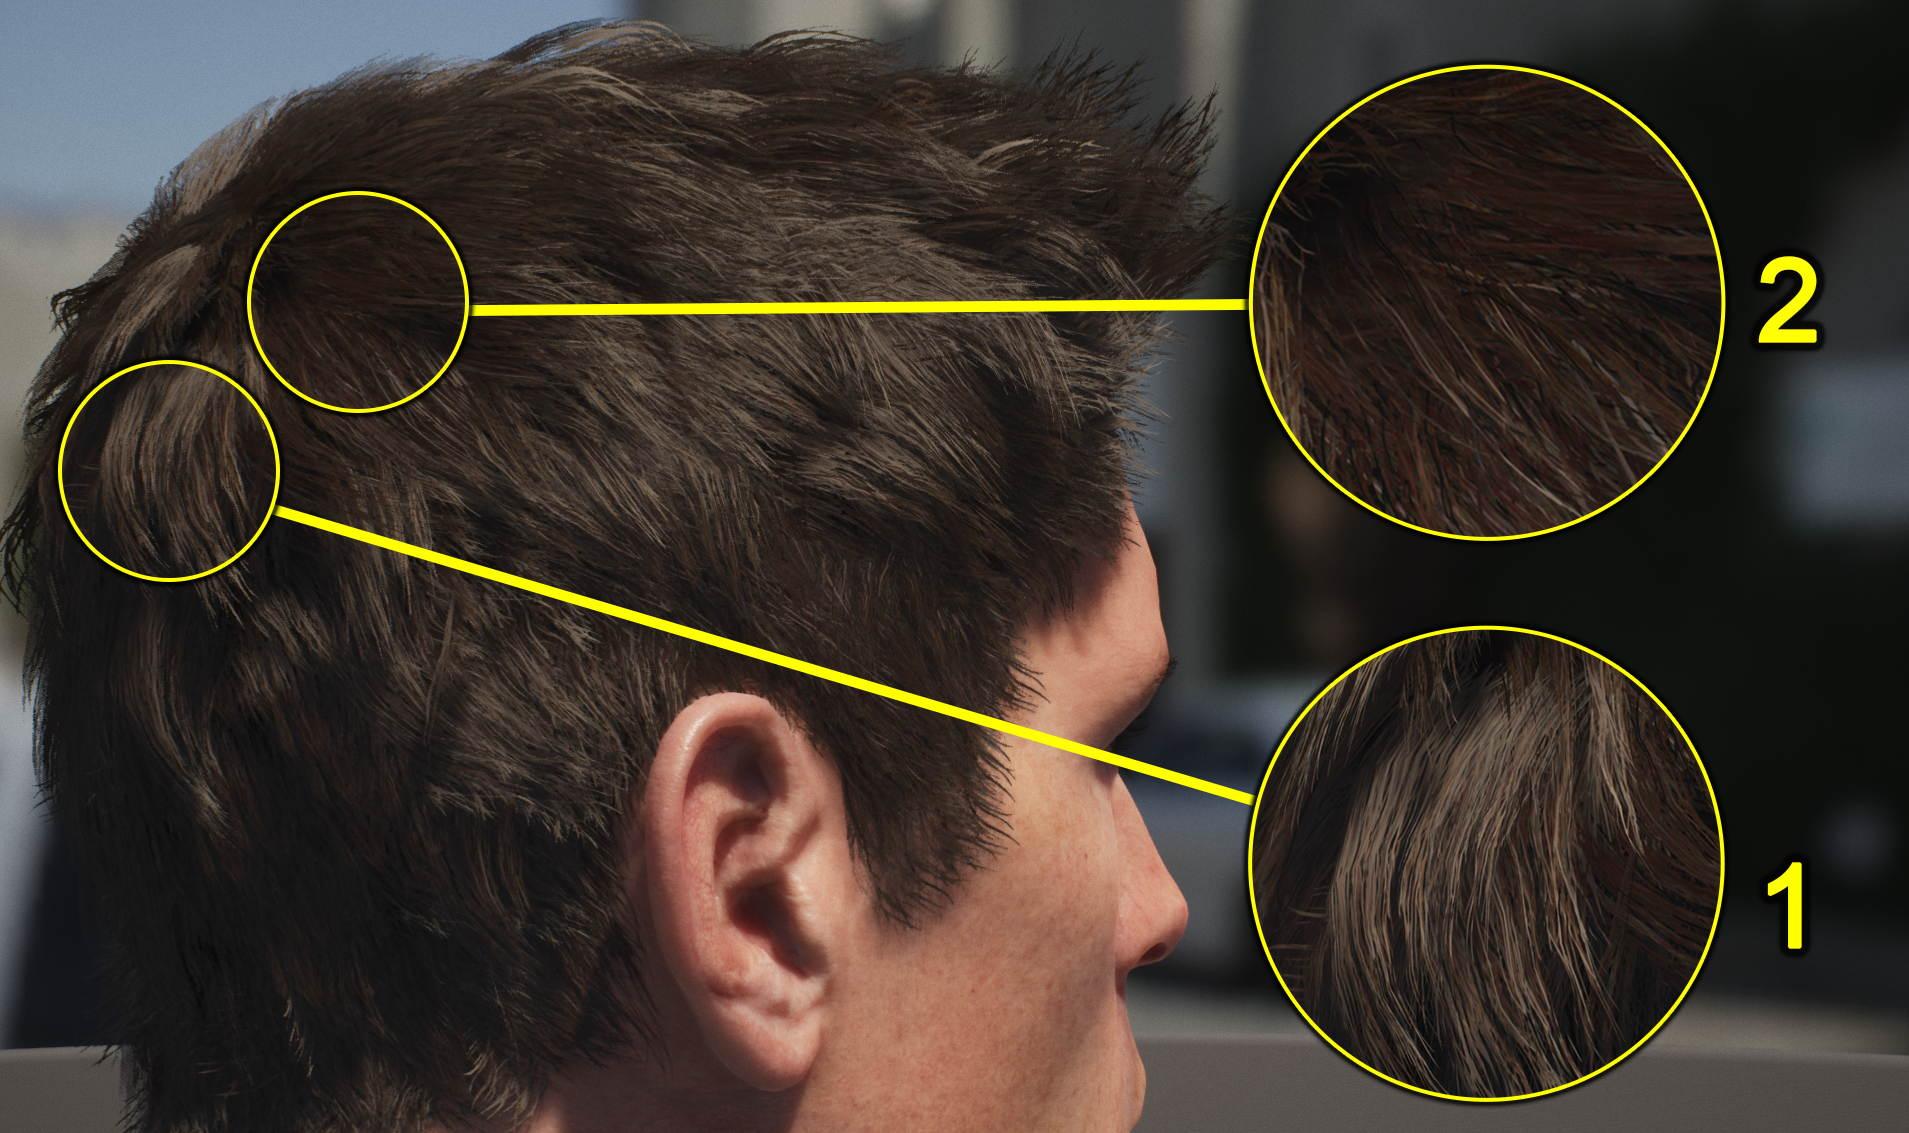 Создание персонажа в Unreal Engine 4 - Изображение 2